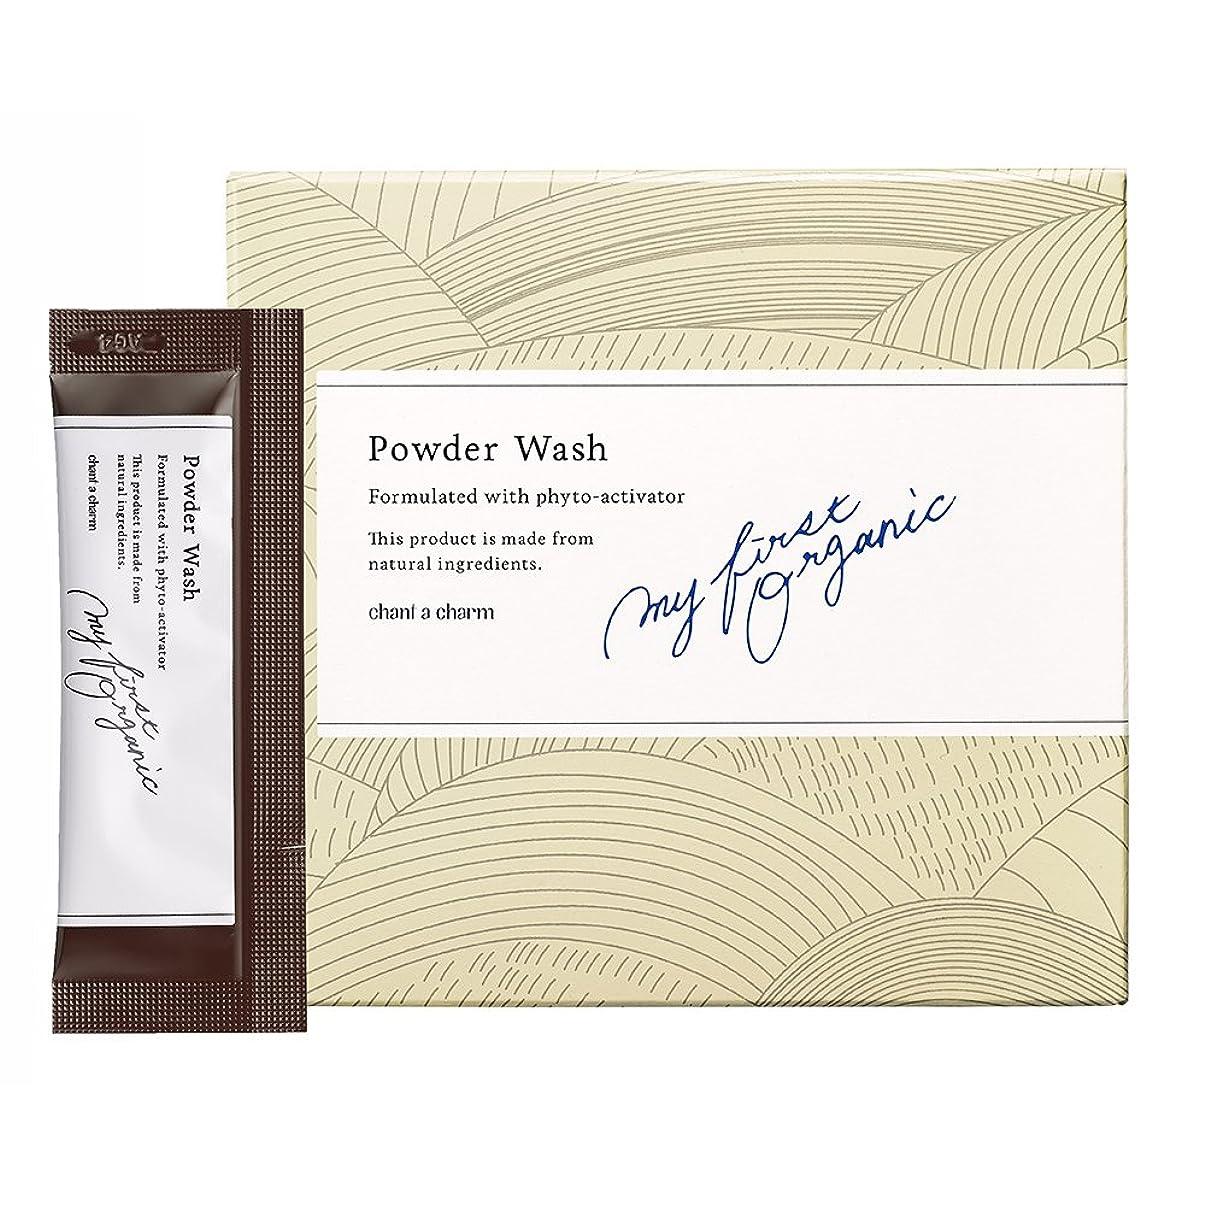 提供された衣服思い出すチャントアチャーム パウダーウォッシュ ニキビ肌用酵素洗顔 医薬部外品